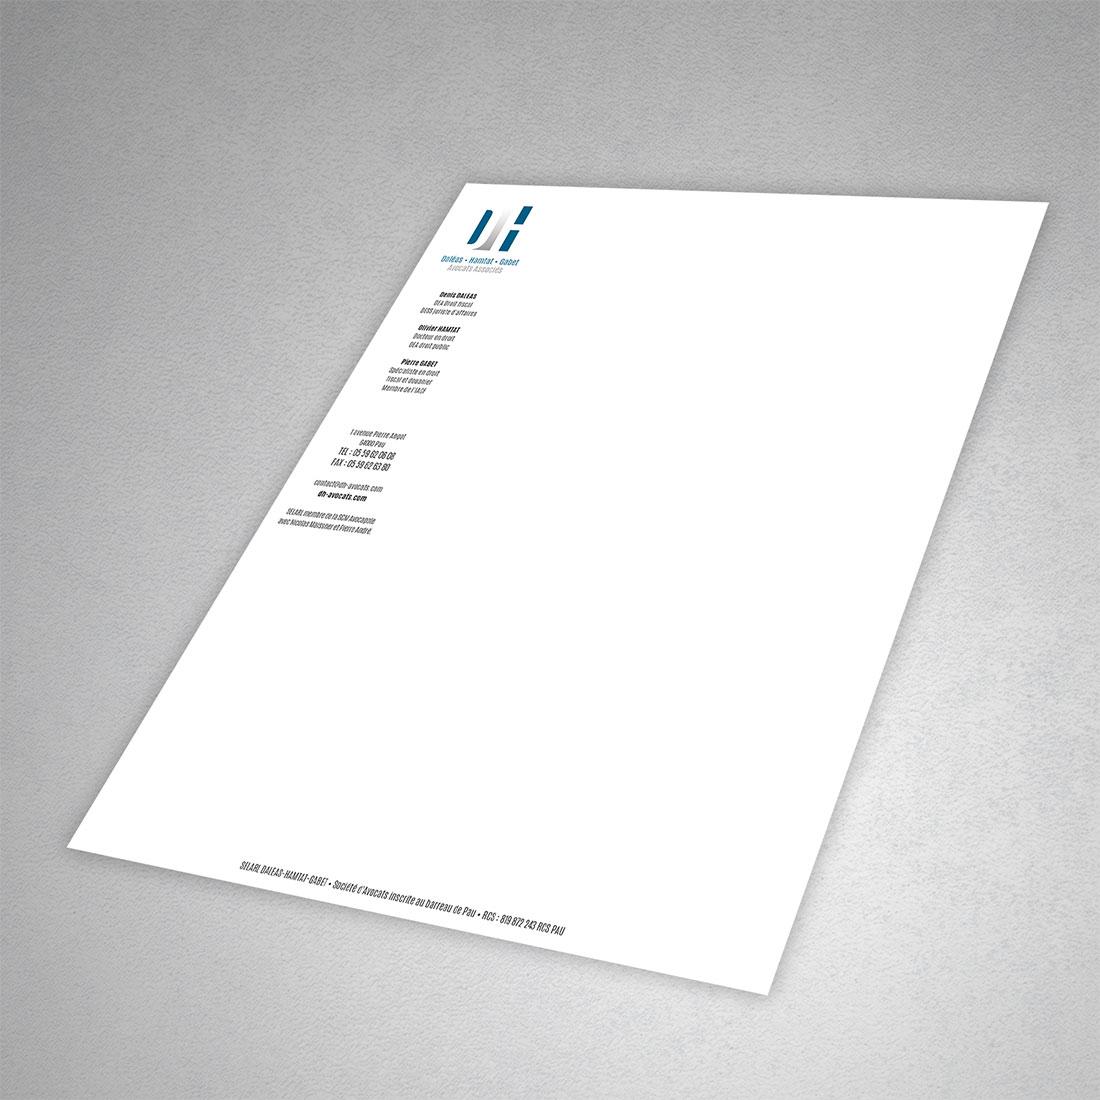 Cabinet d'avocat à Pau. Création du logo. Création de la charte graphique.